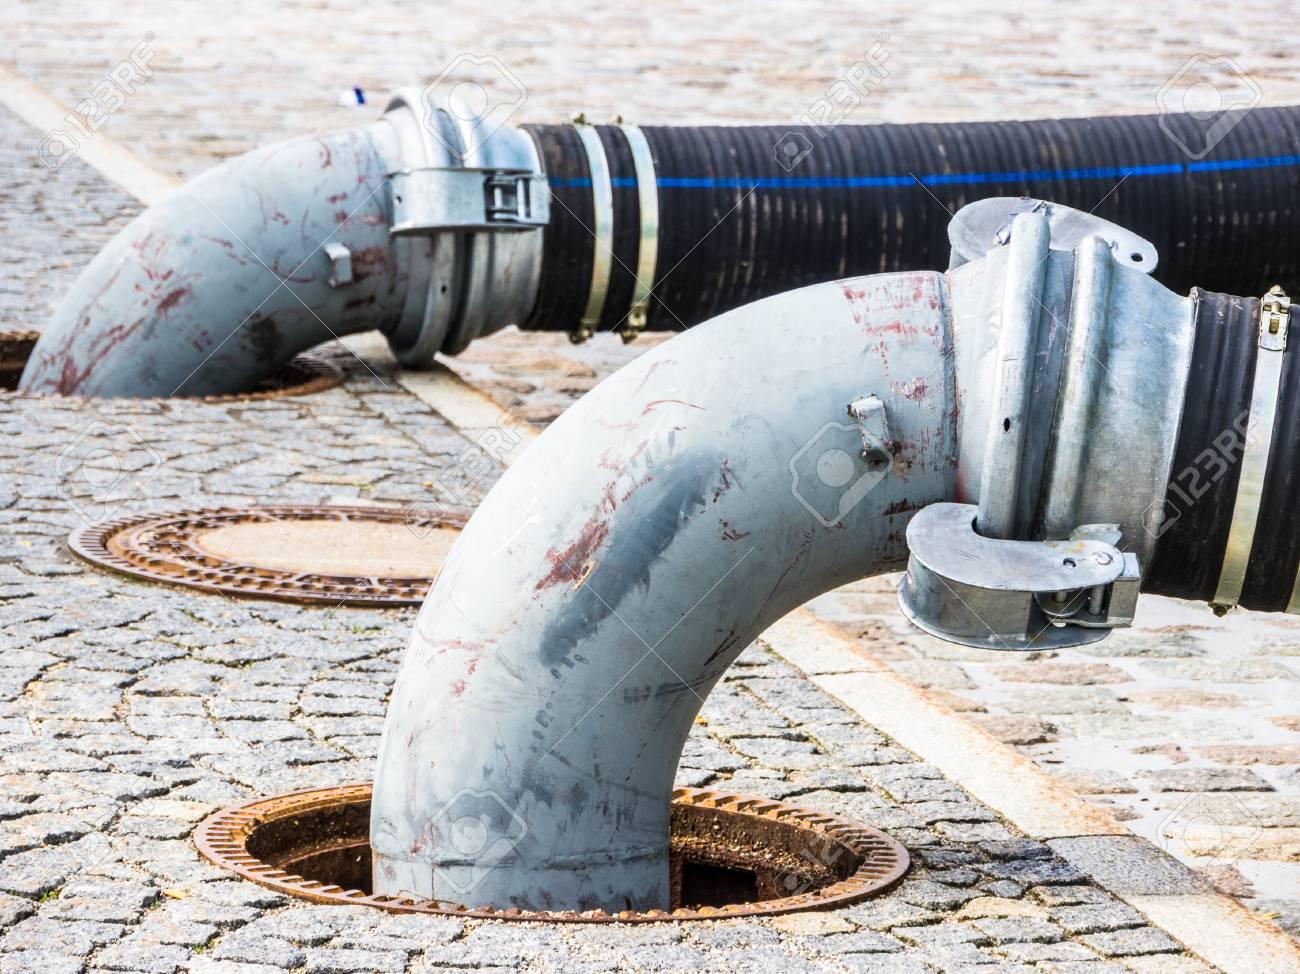 tubes at a sidewalk - photo - closeup - 81216199